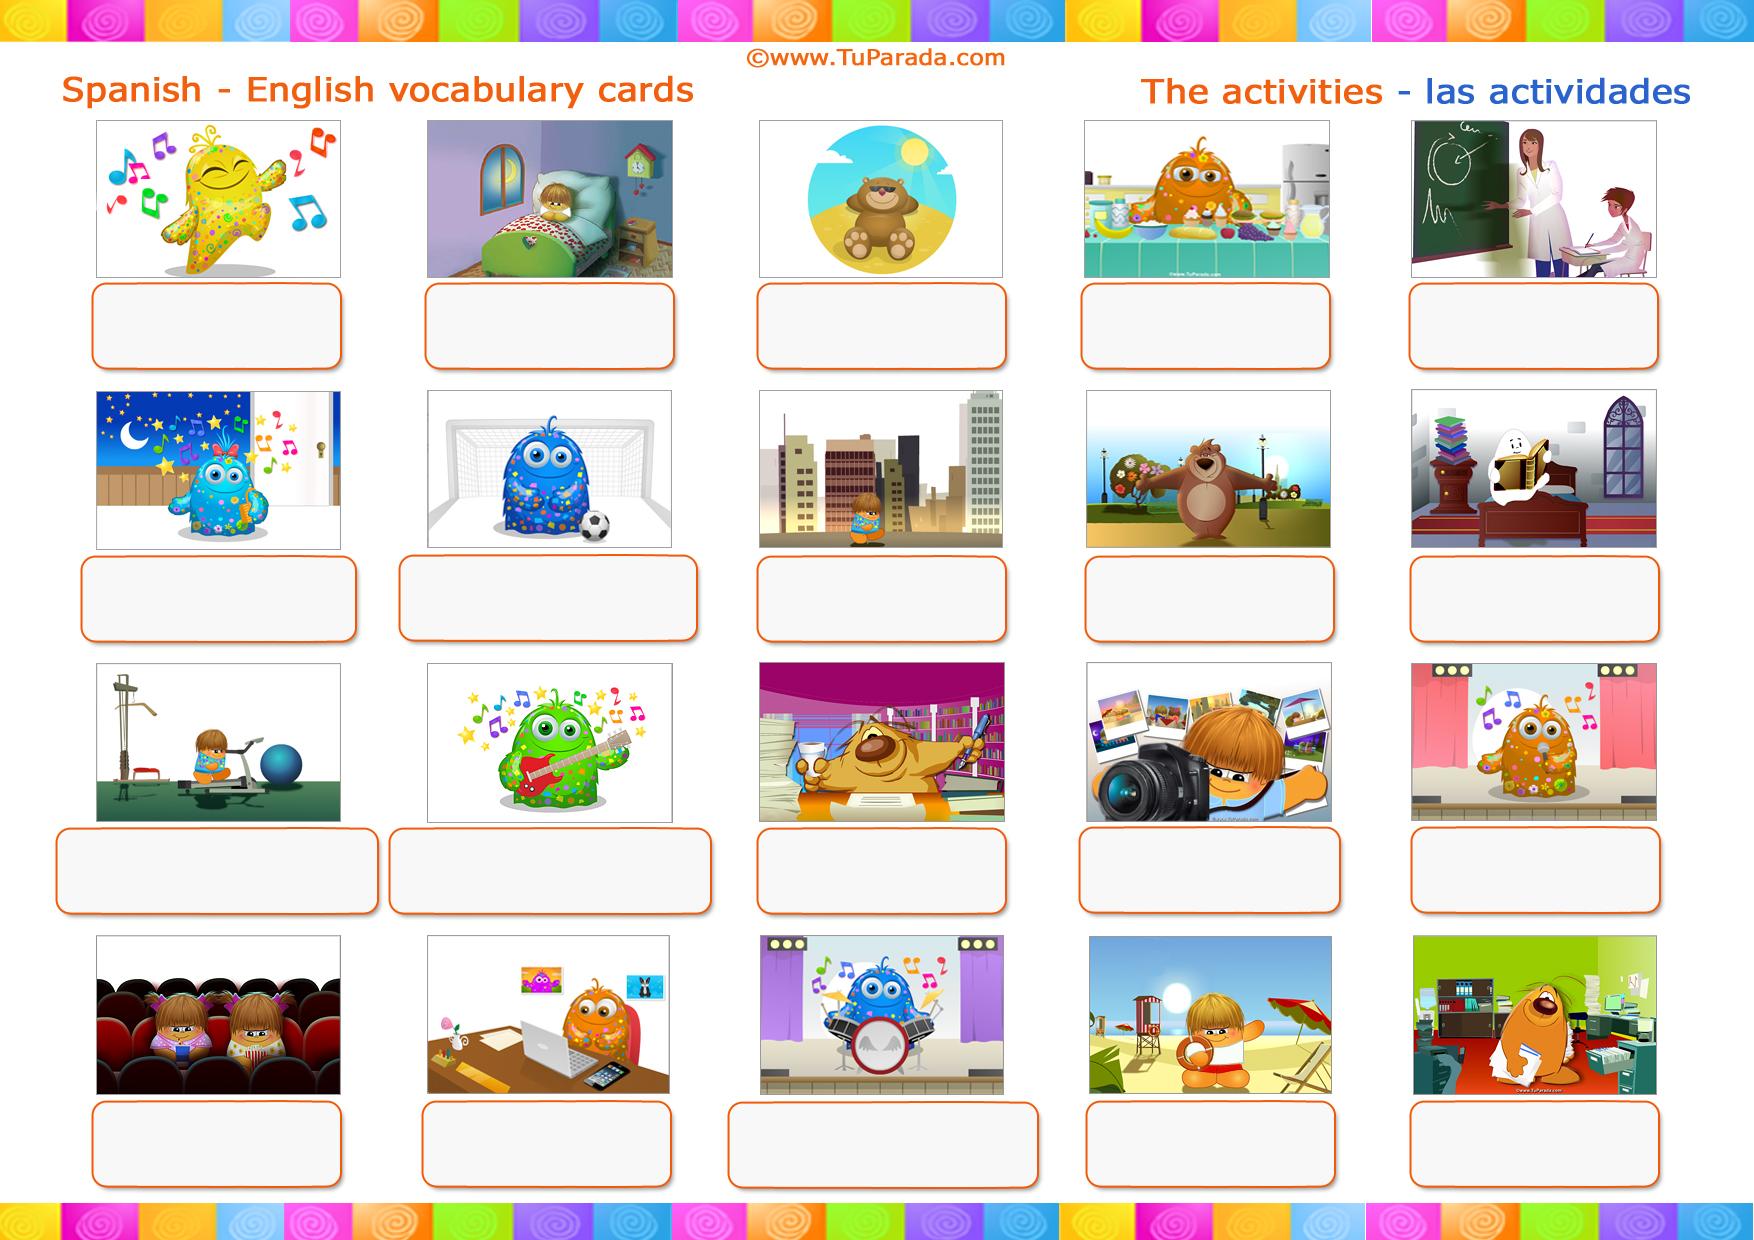 Tarjeta - Actividades - Activities. Imprimir.